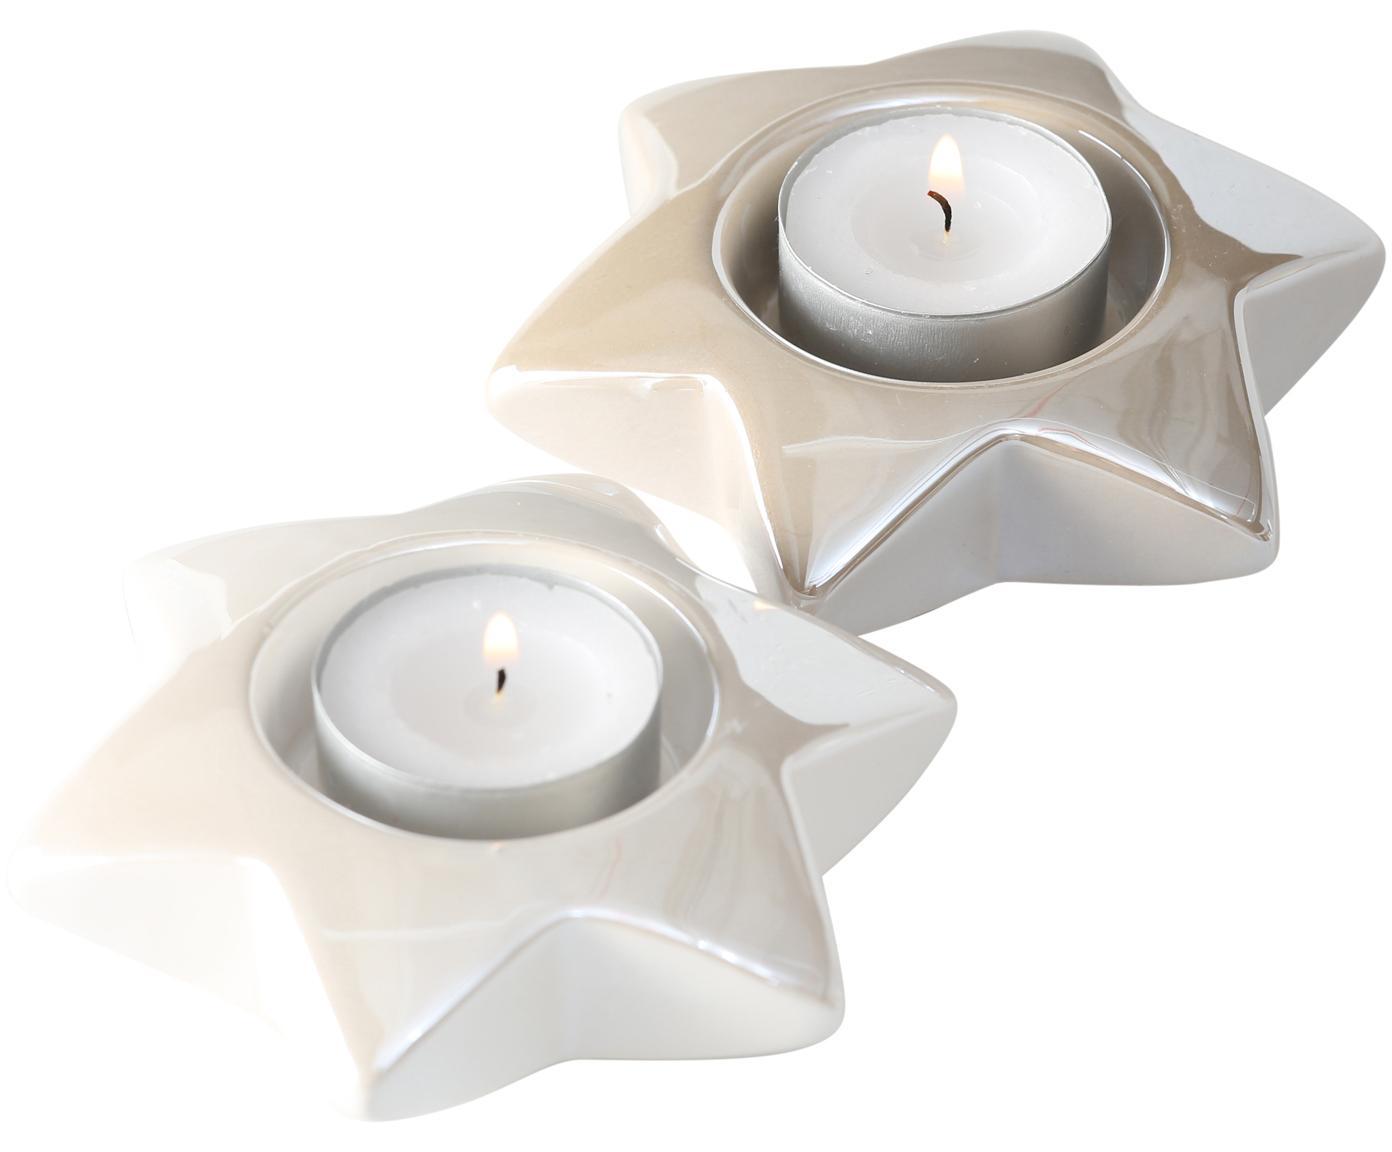 Teelichthalter-Set Star, 2-tlg., Steingut, creme, beige, Ø 11 x H 3 cm